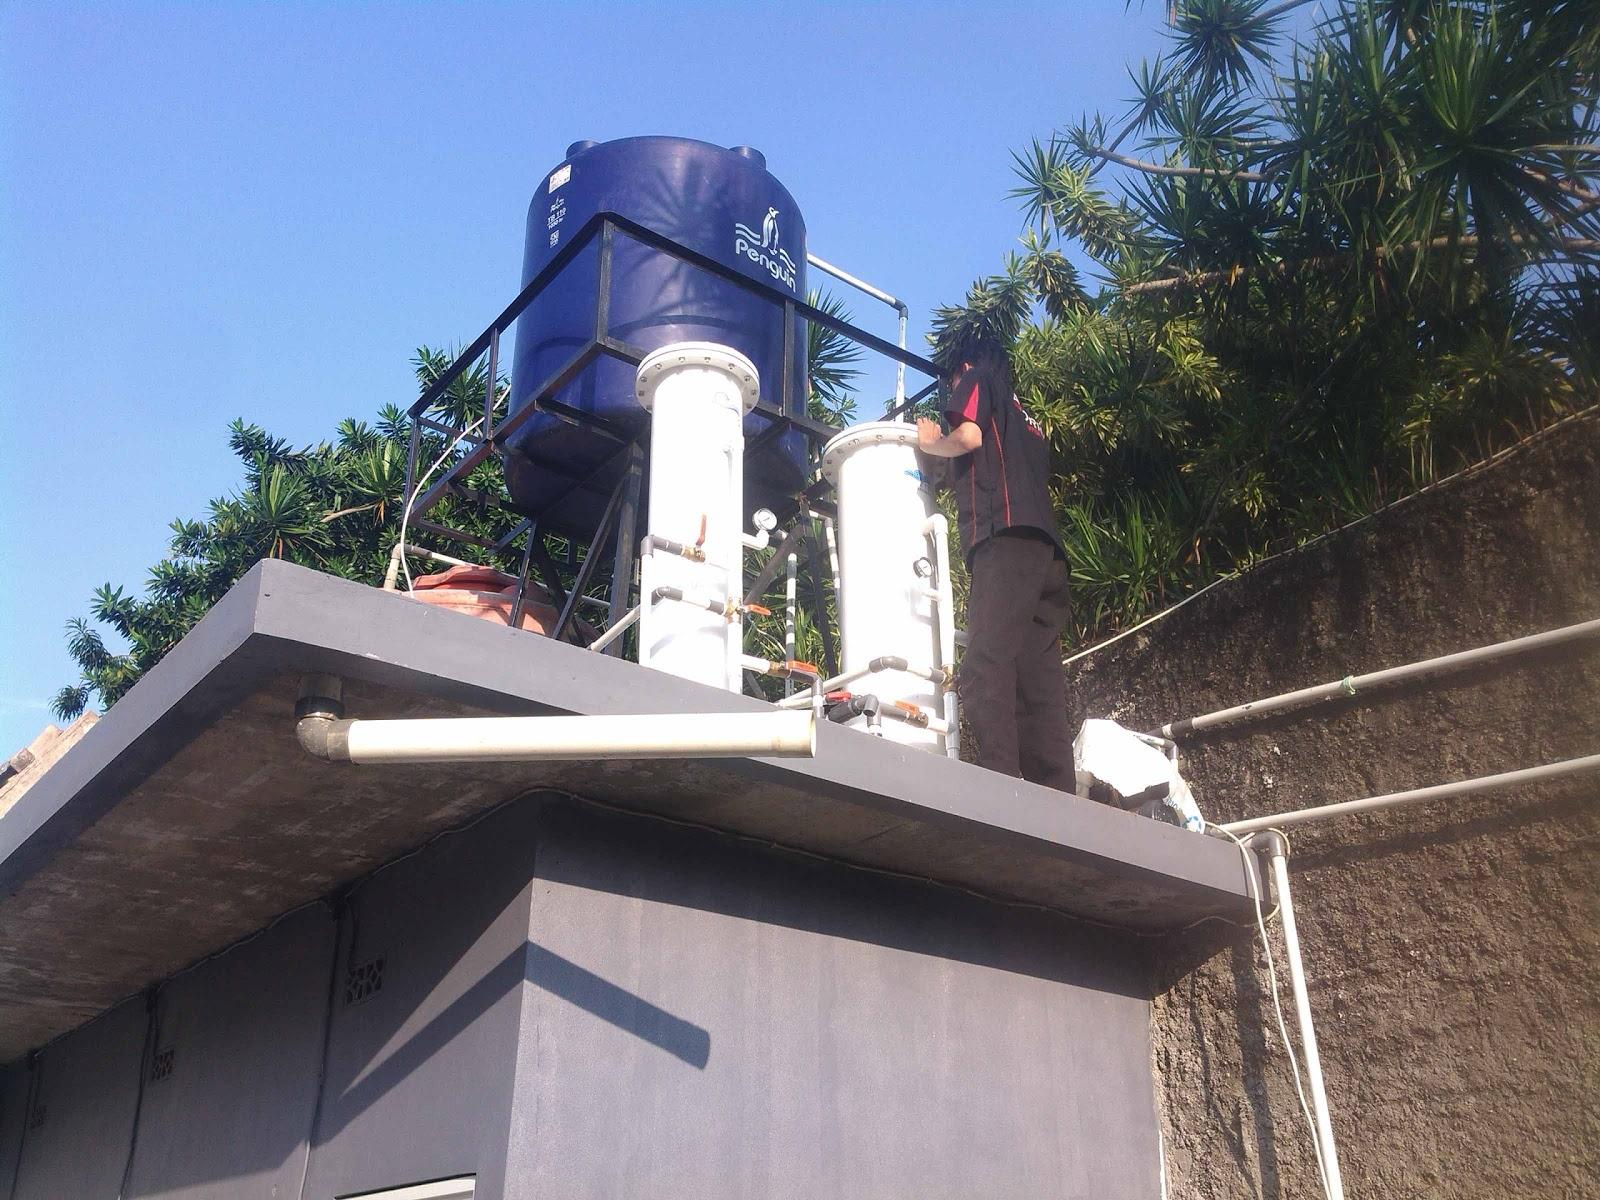 jual filter air untuk usaha cucian mobil, laundry, jakarta, cibubur, bandung, bekasi, tangerang, jakarta, surabaya, solo